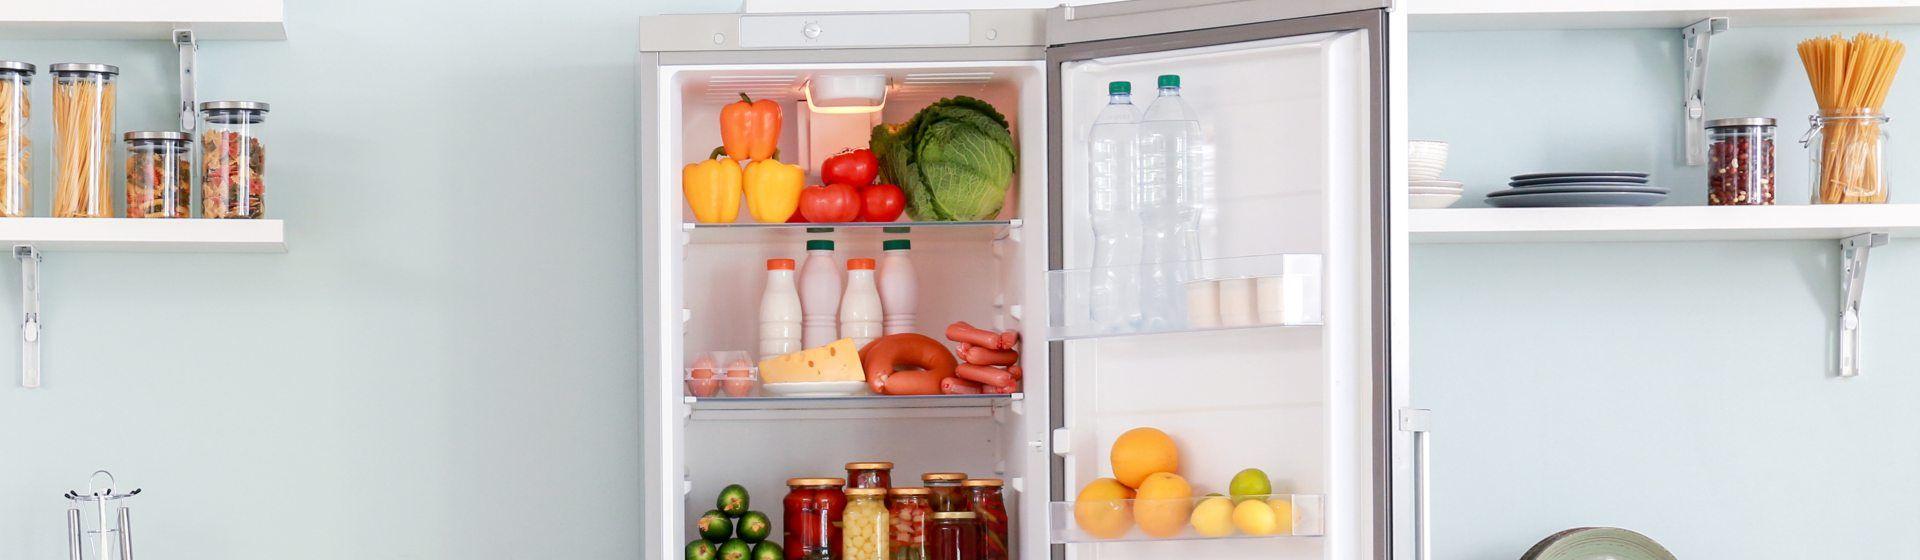 Melhor geladeira custo-benefício 2021: confira as principais opções